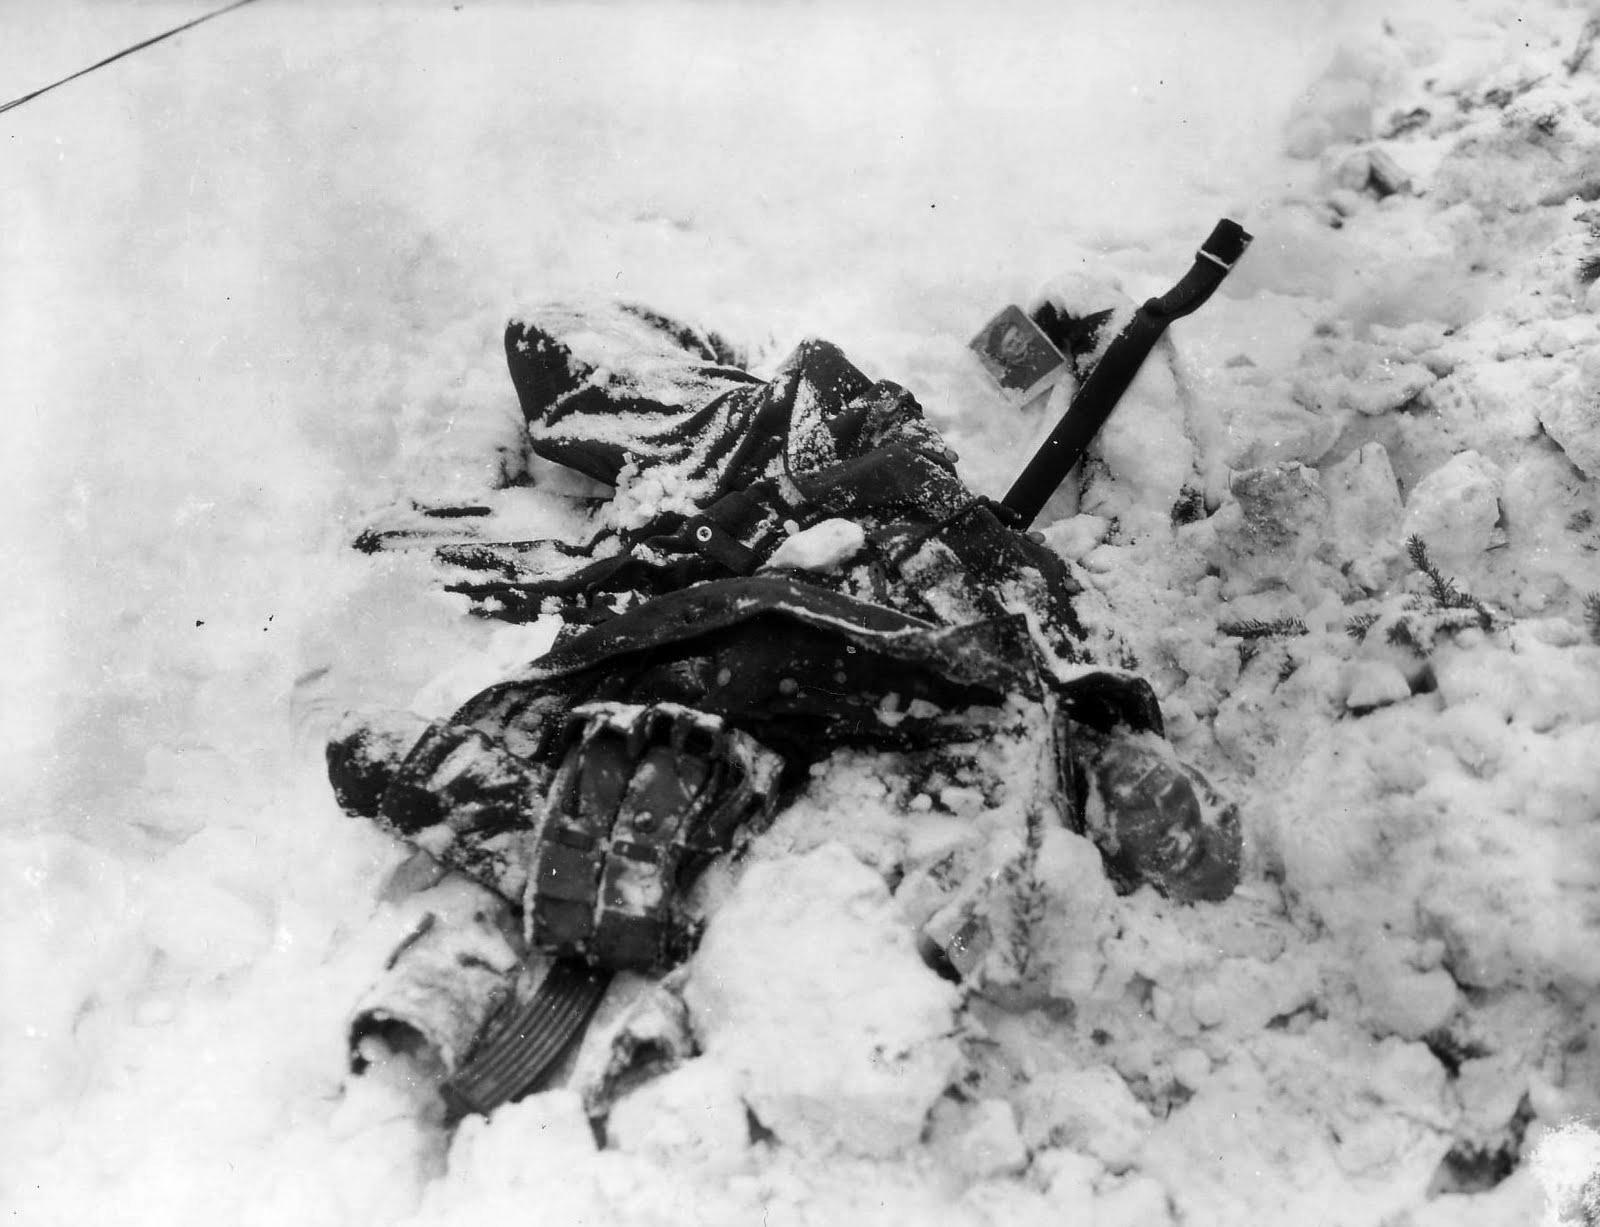 александр владимирович картинка боец раненый на снегу сюда выберите дату